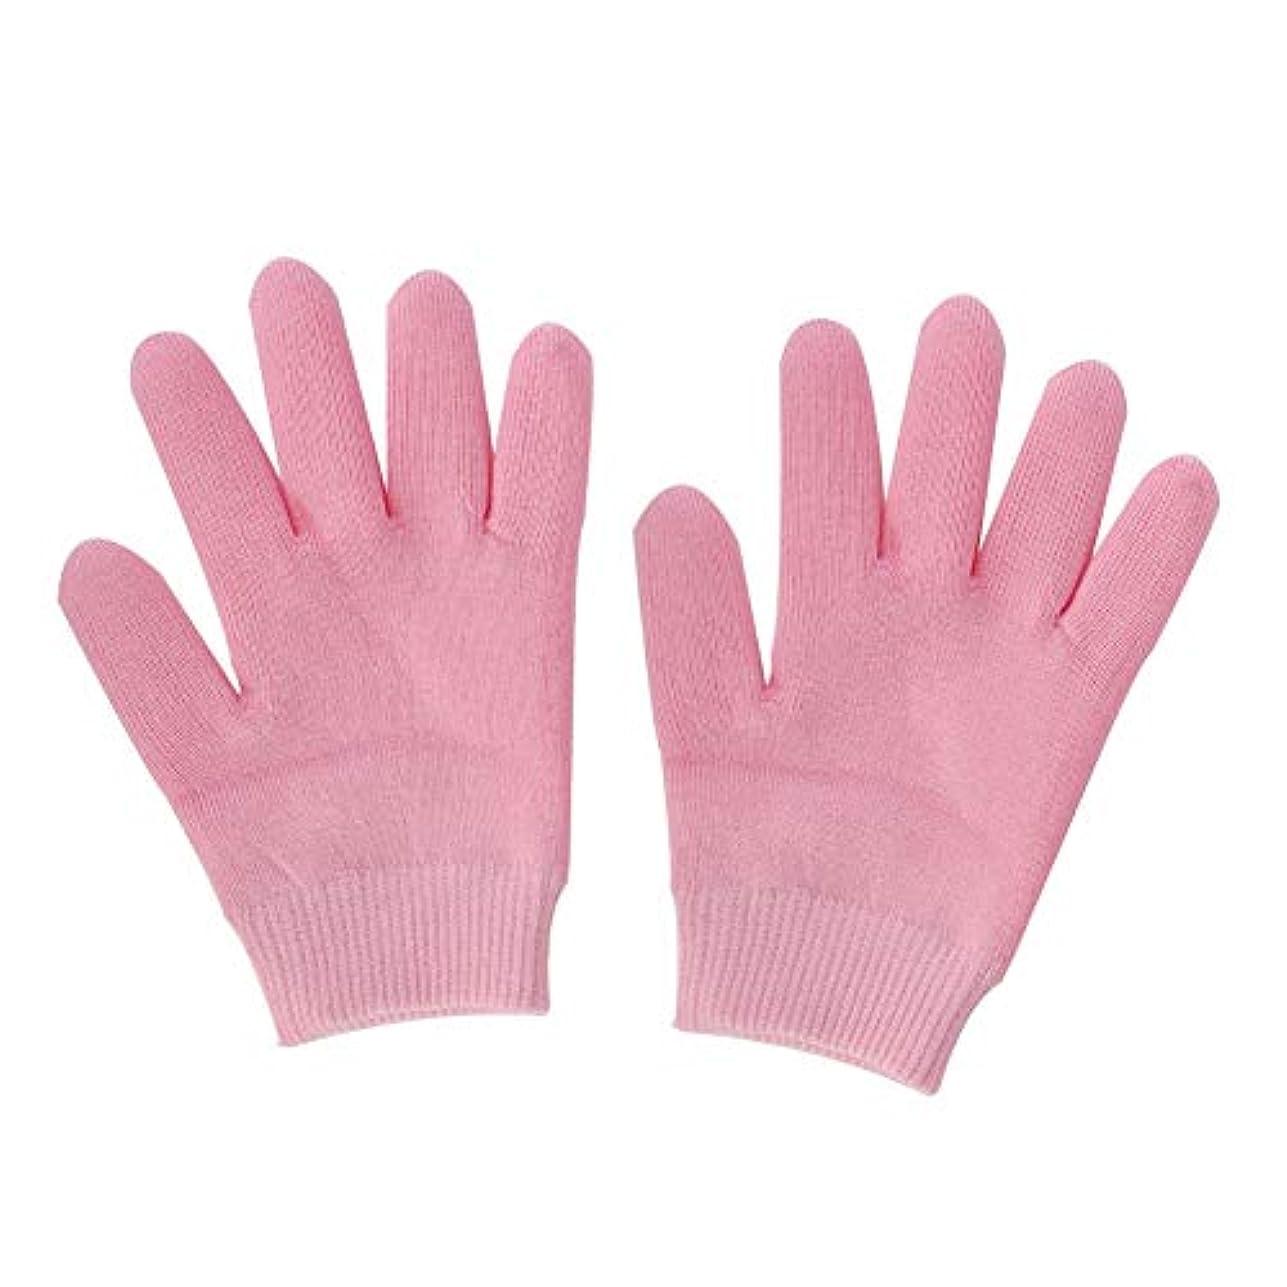 定説受信ジャグリング保湿スパジェルグローブソックス、ケア用ジェルライニングローション付きエッセンシャルオイルグローブを白くする手、肌にひびが入る、女性用フィンガーレスグローブ